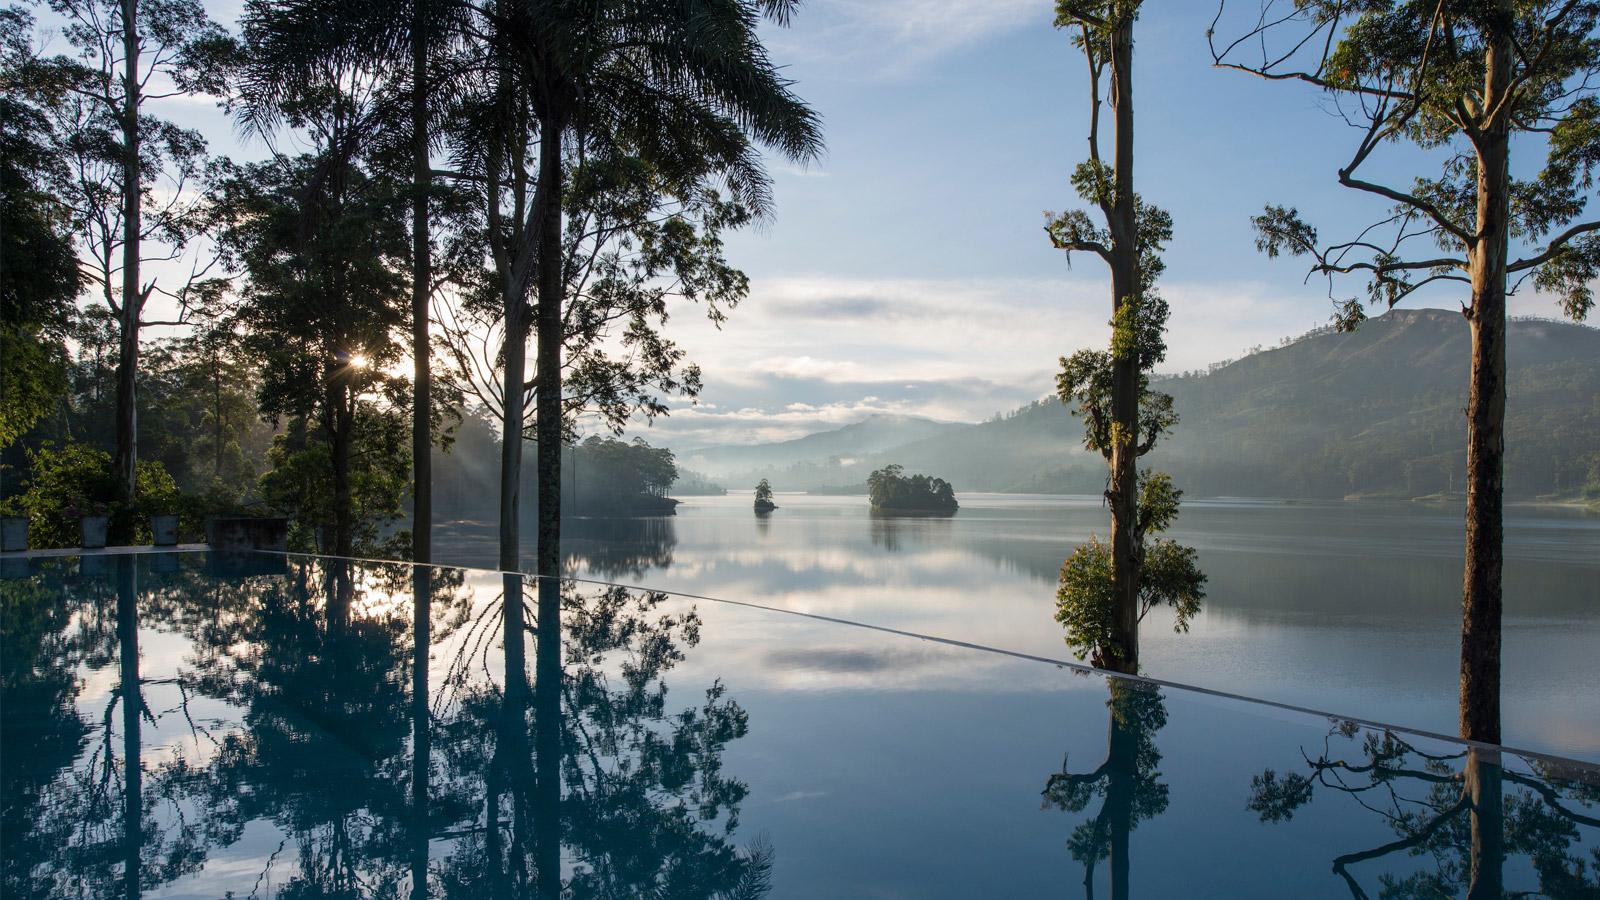 konyhasziget_ut_a_teahoz_summerville-bungalow-pool-castlereagh-lake-3.jpg